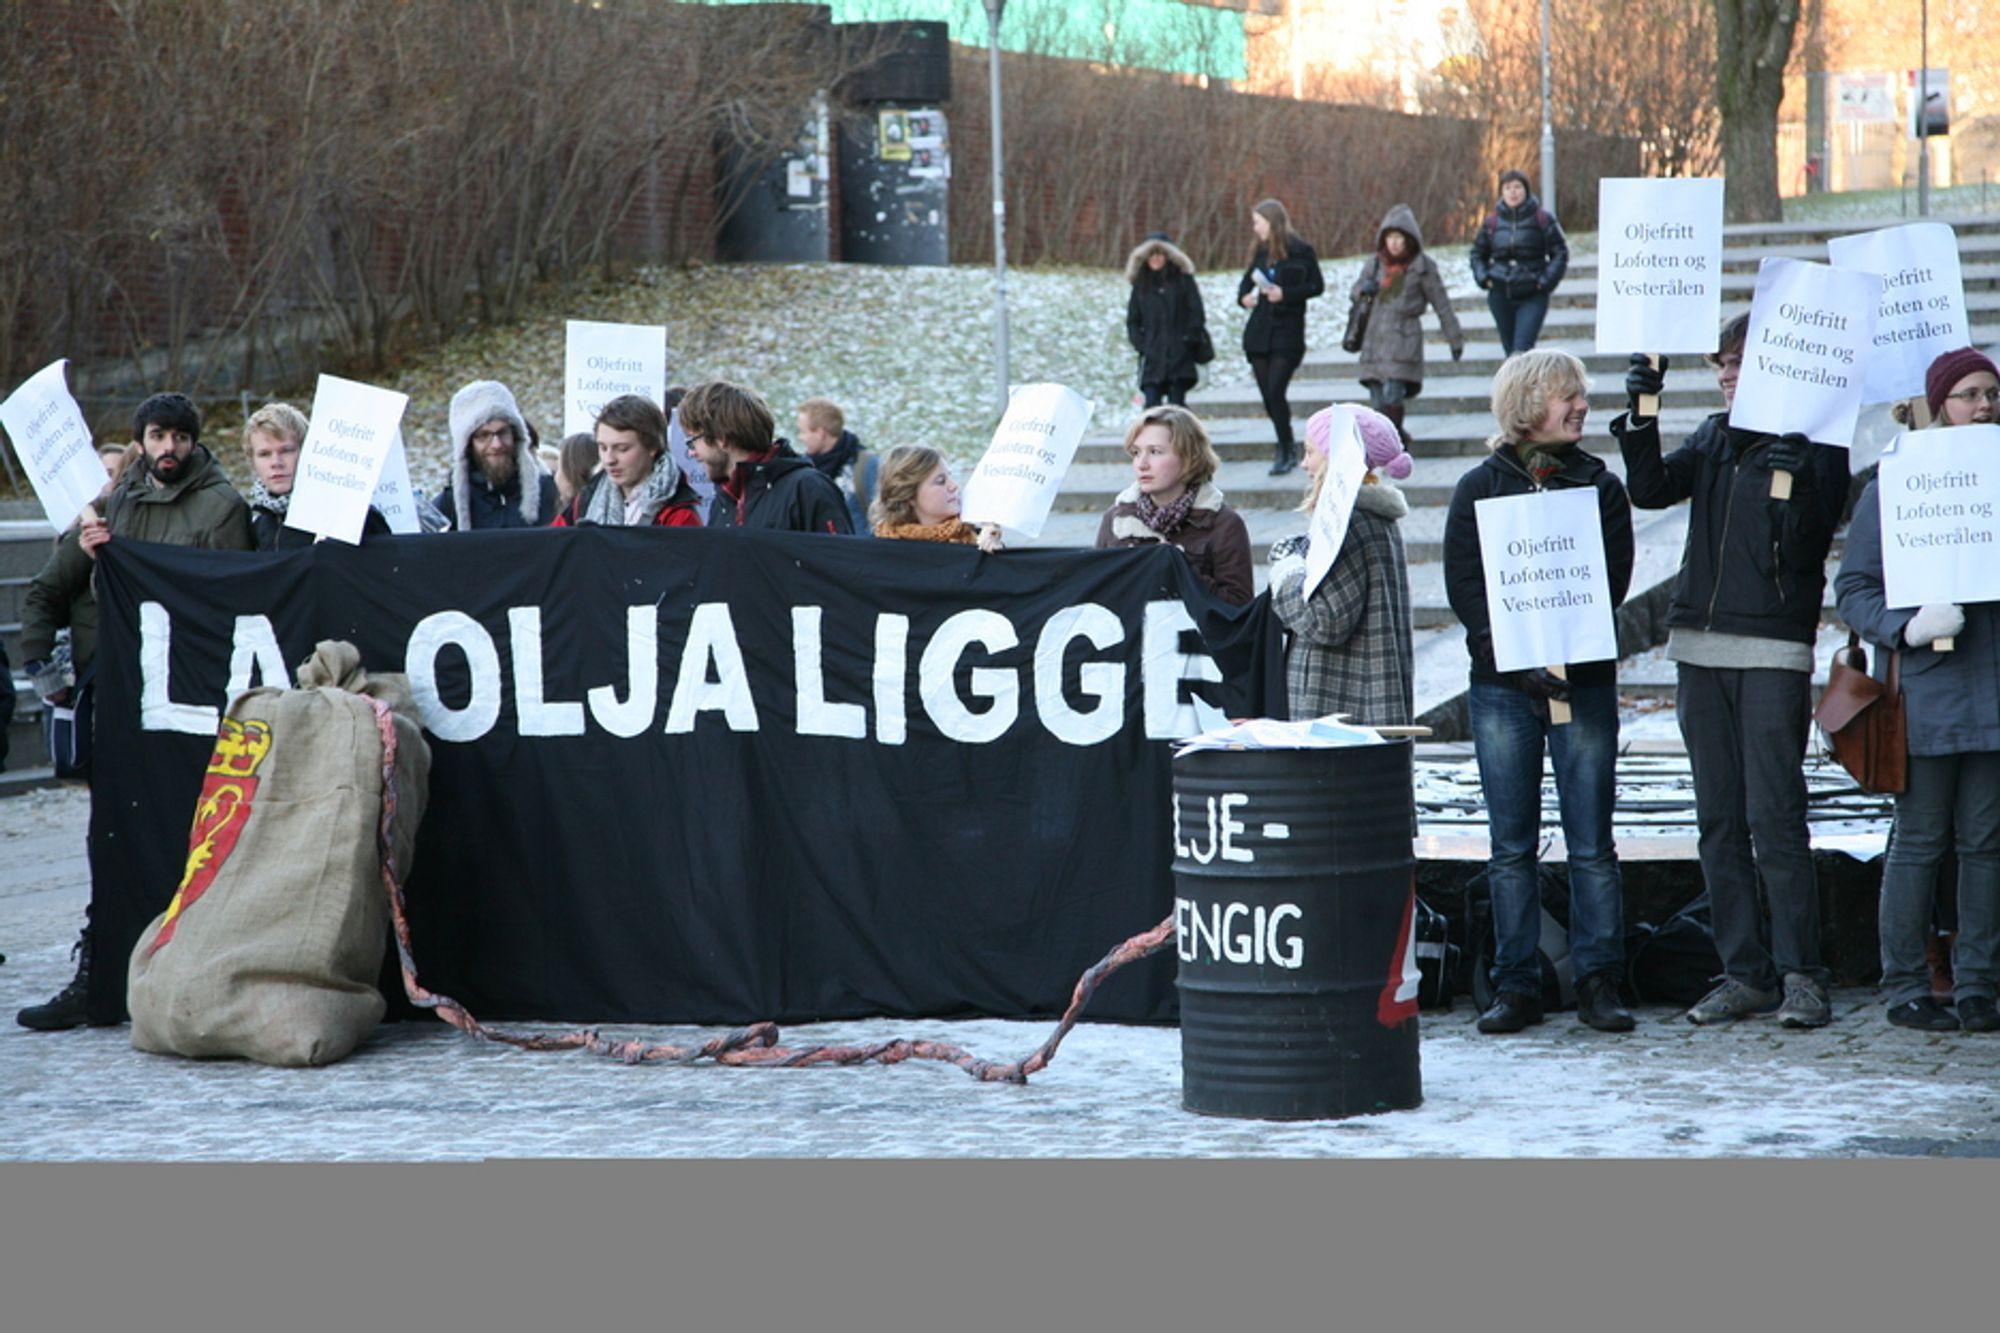 AVFEIER MOTSTANDEN: Demonstrasjon mot oljeboring i forbindelse med en forelesning statsminister Jens Stoltenberg nylig holdt i Oslo. Norsk Industri viser ingen forståelse av oljemotstandere som ikke ønsker en konsekvensutredning av eventuell oljeboring.